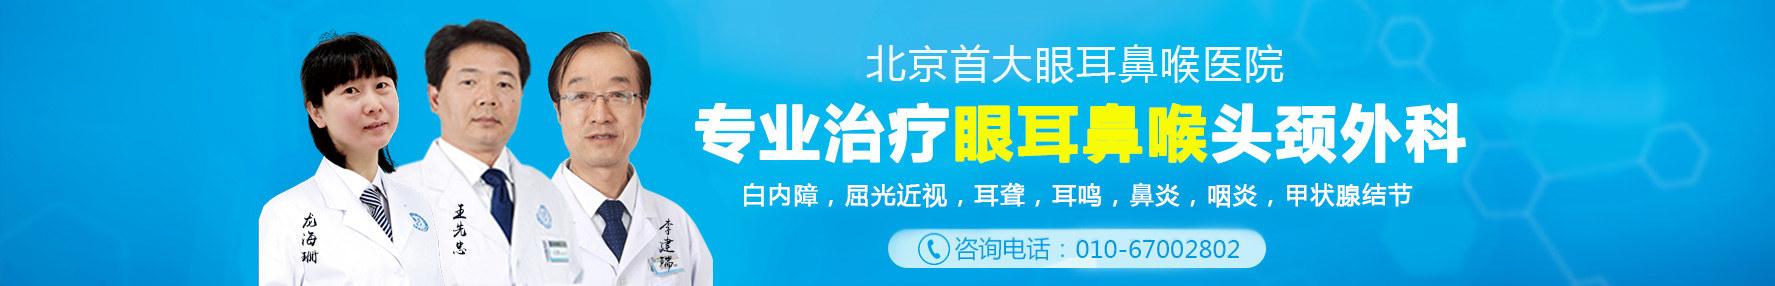 北京治疗鼻炎的医院